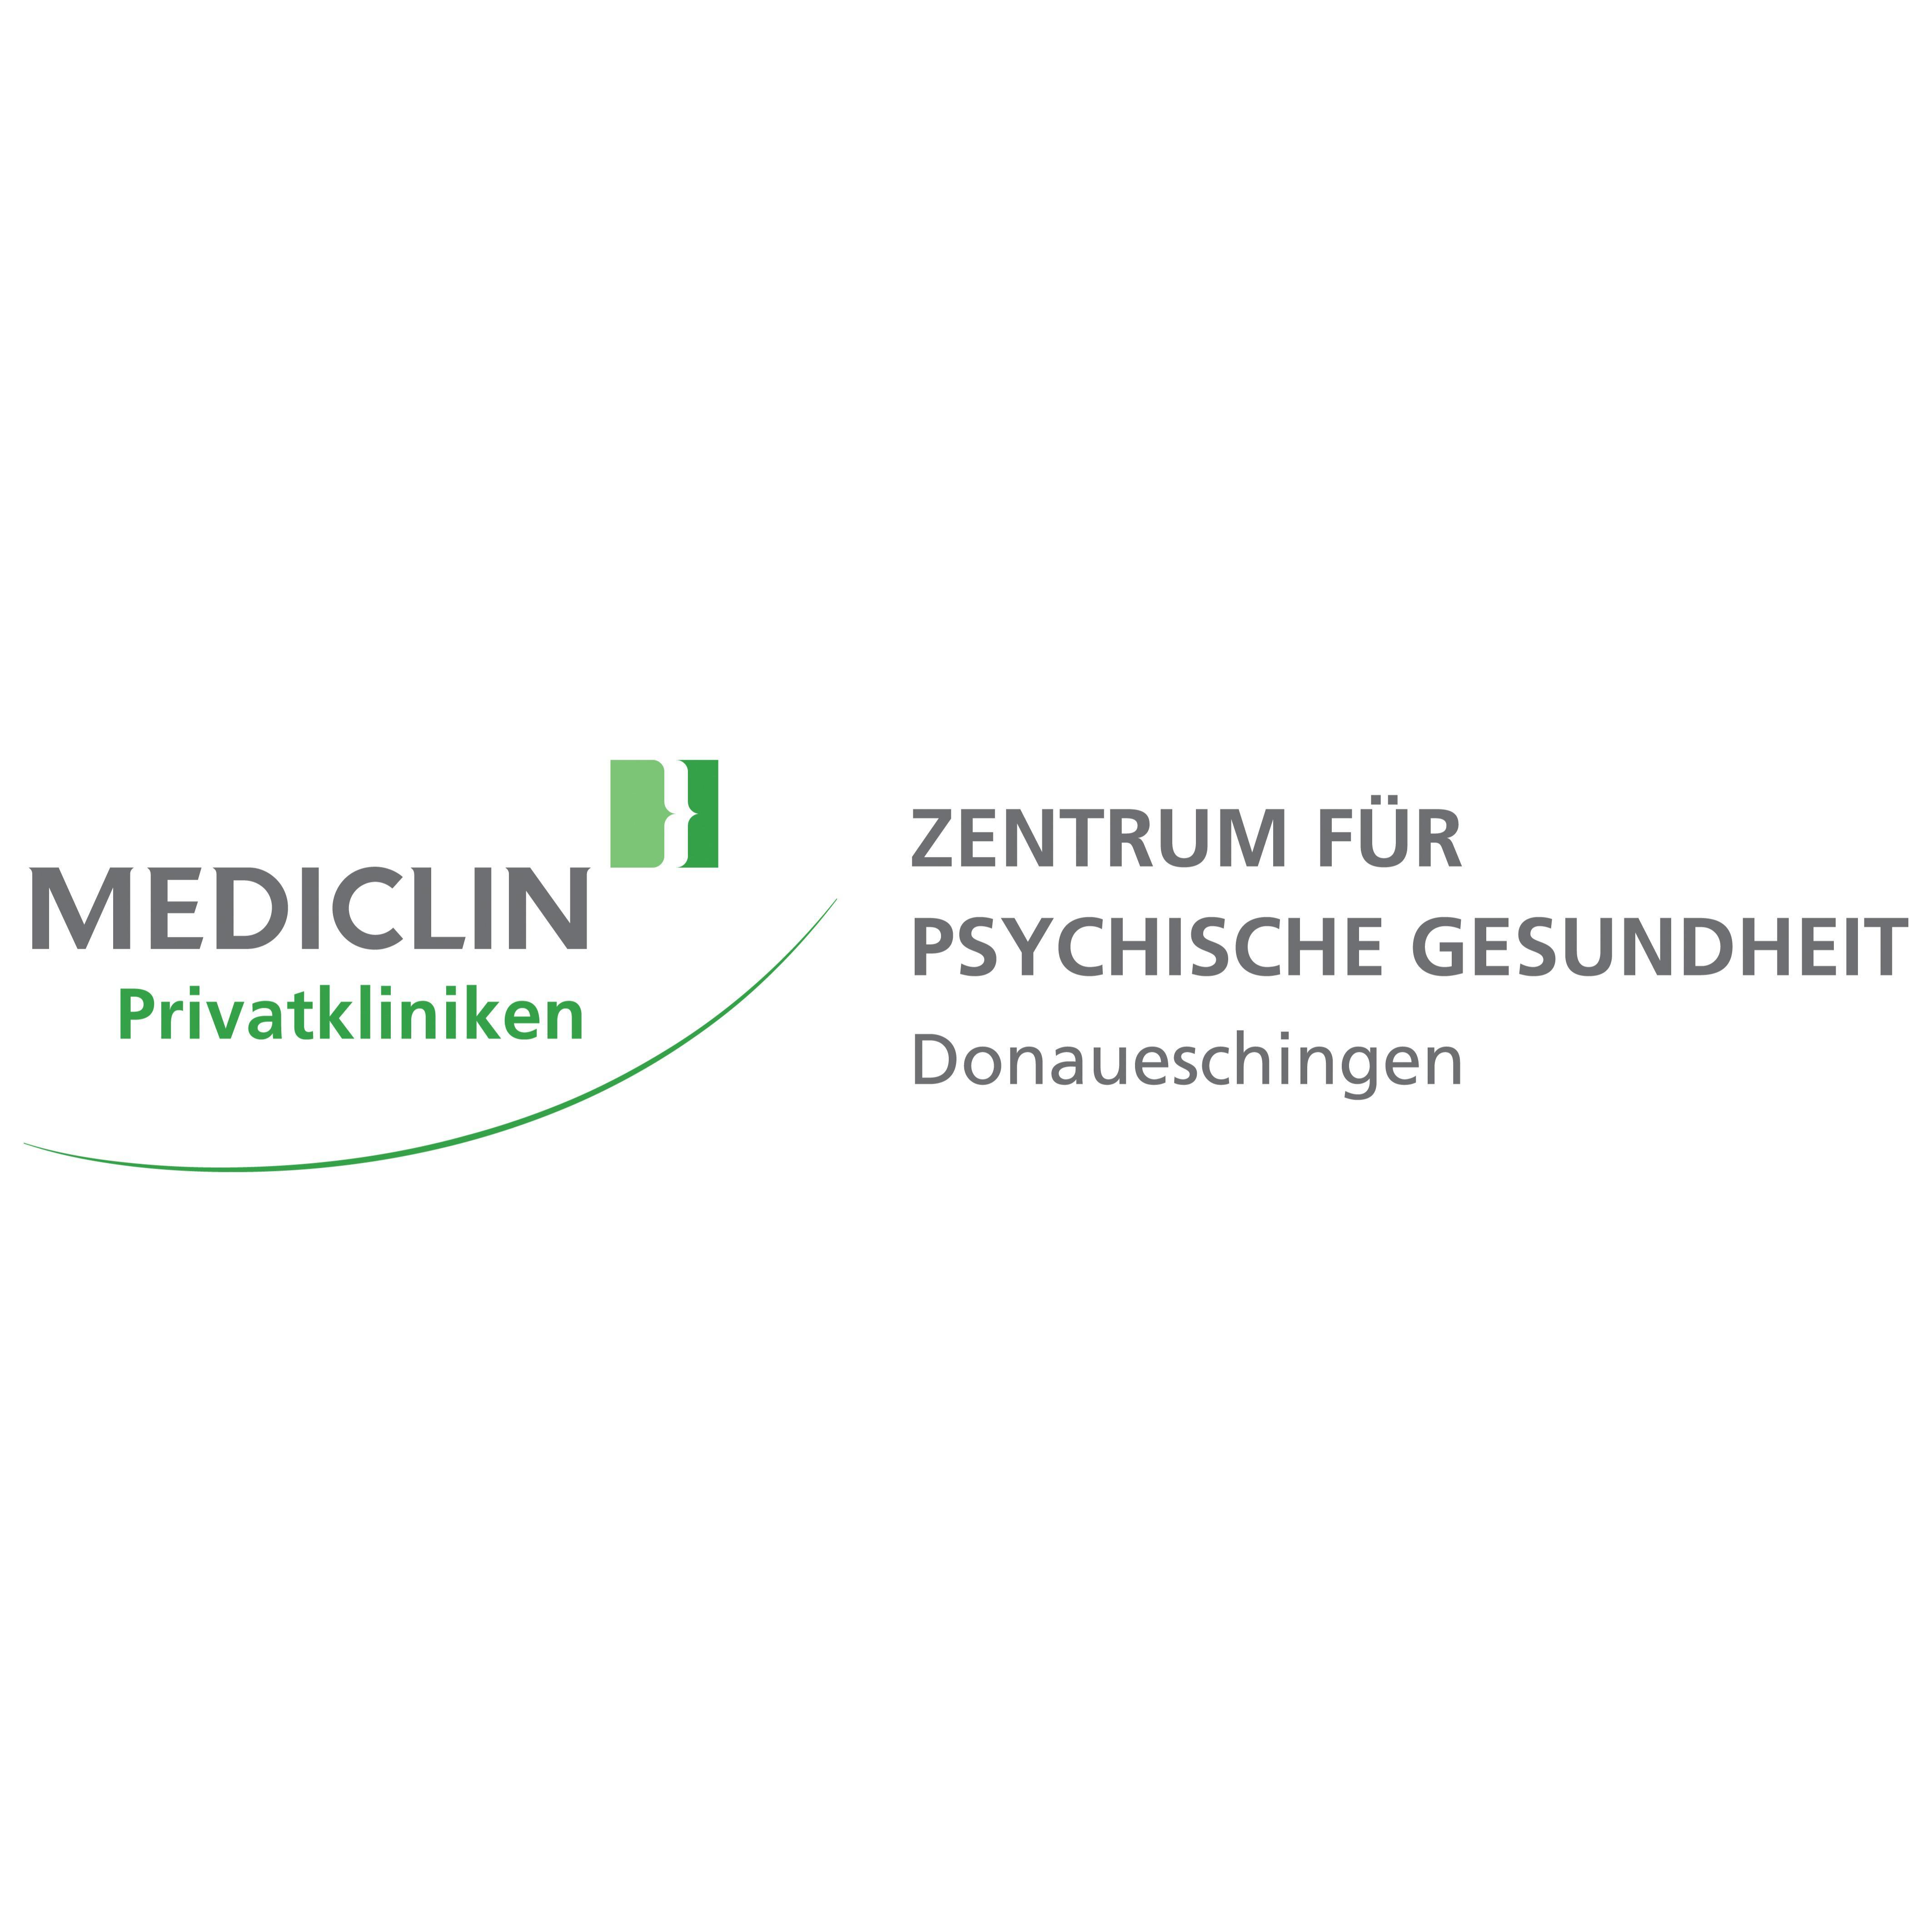 Bild zu MEDICLIN Zentrum für Psychische Gesundheit Donaueschingen in Donaueschingen